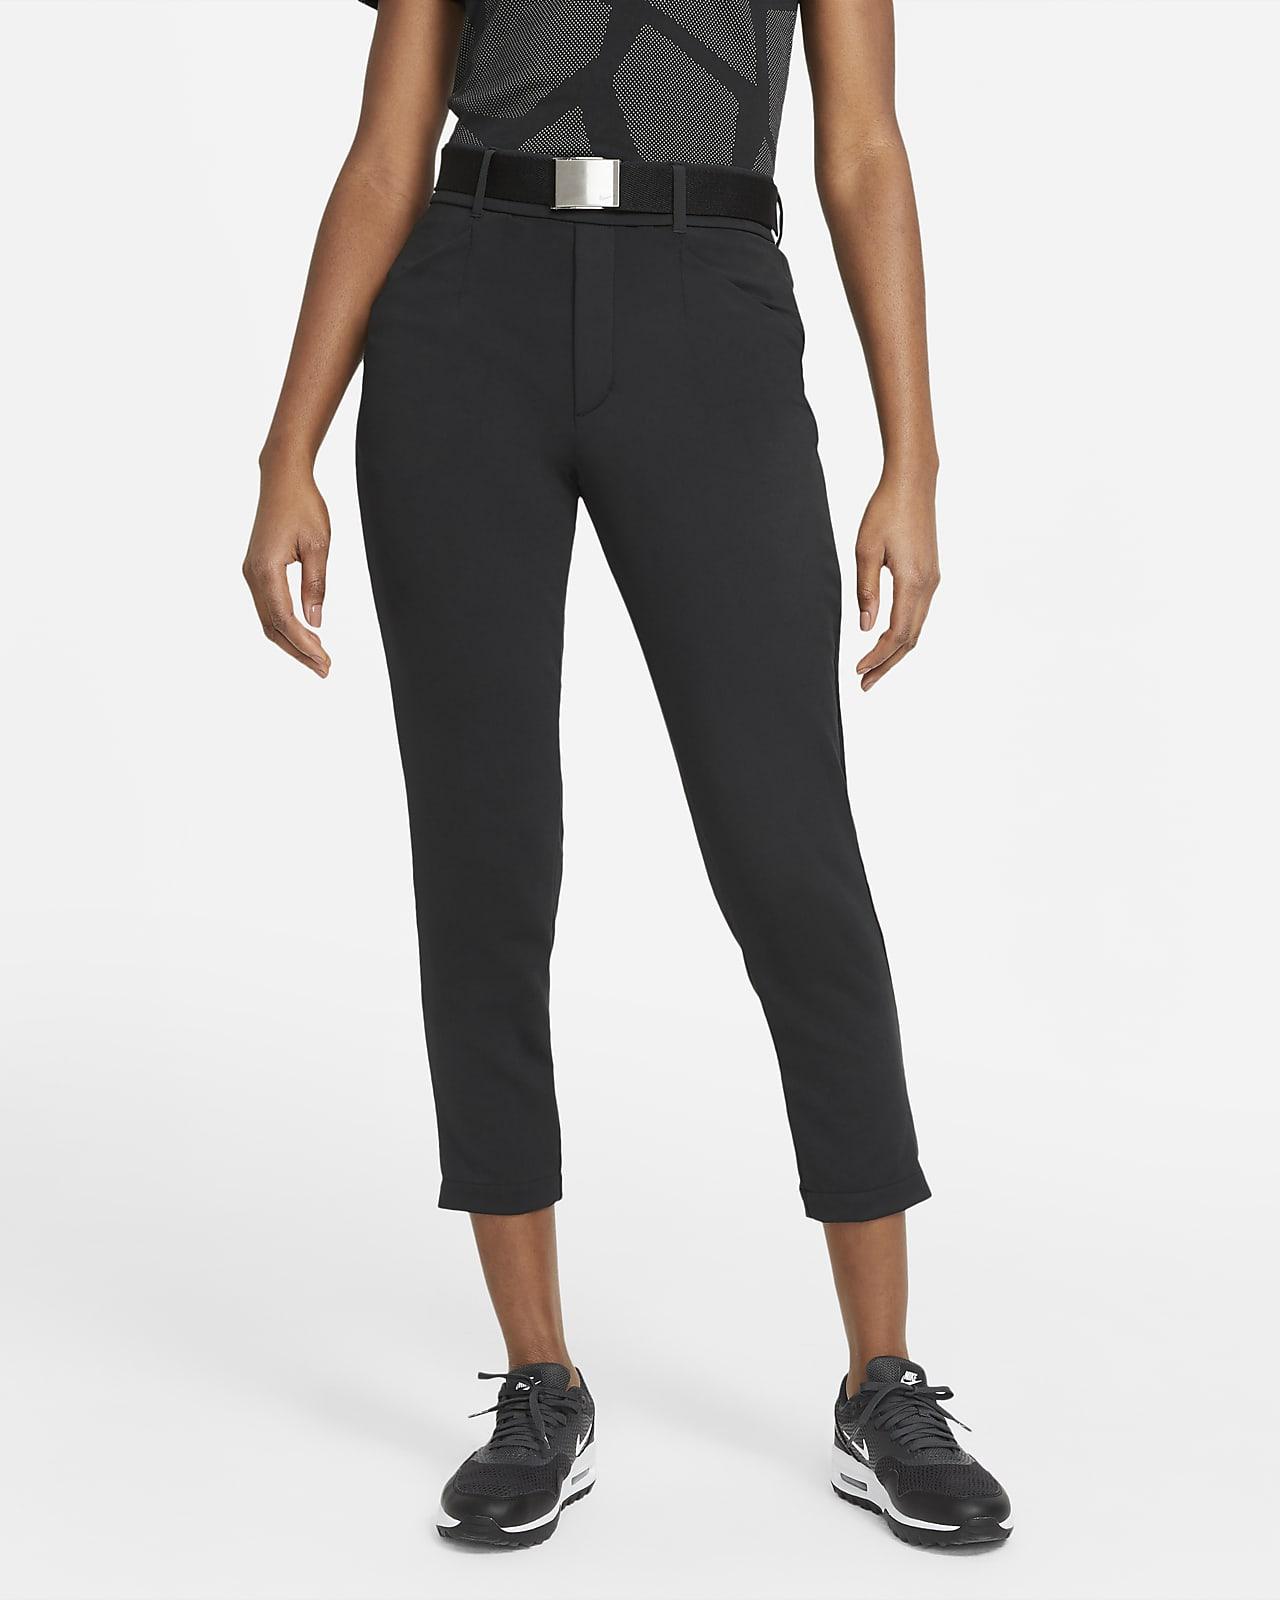 Calças de golfe de corte estreito Nike Dri-FIT UV Ace para mulher